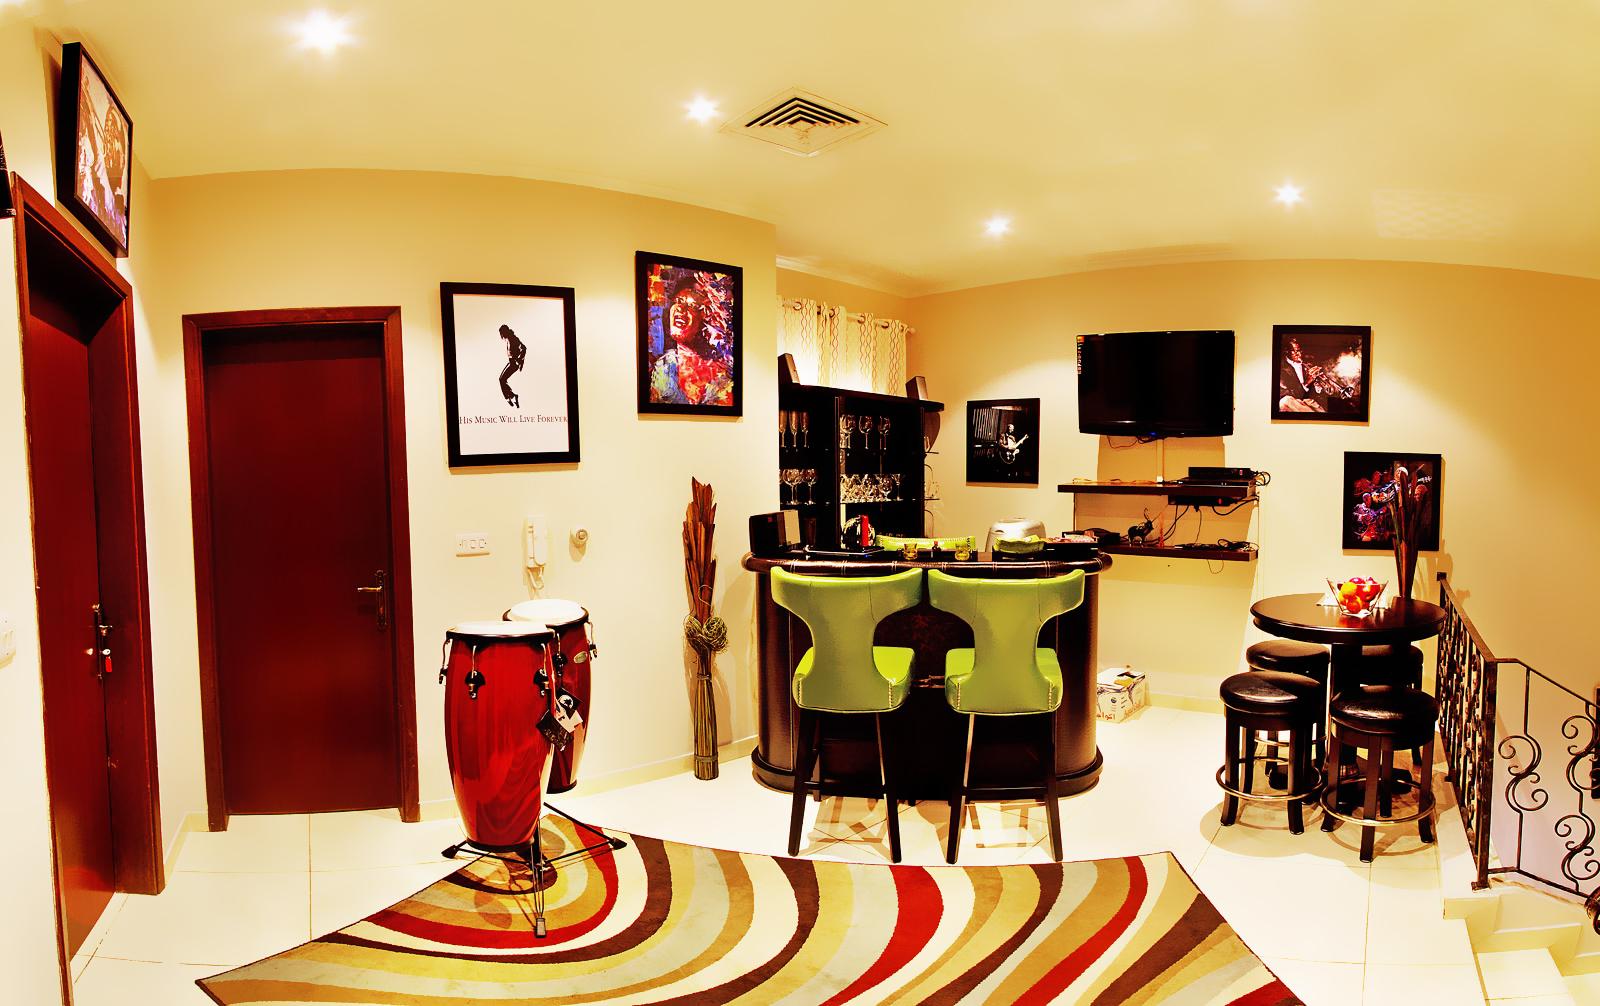 2 Bedroom Apt - Badria